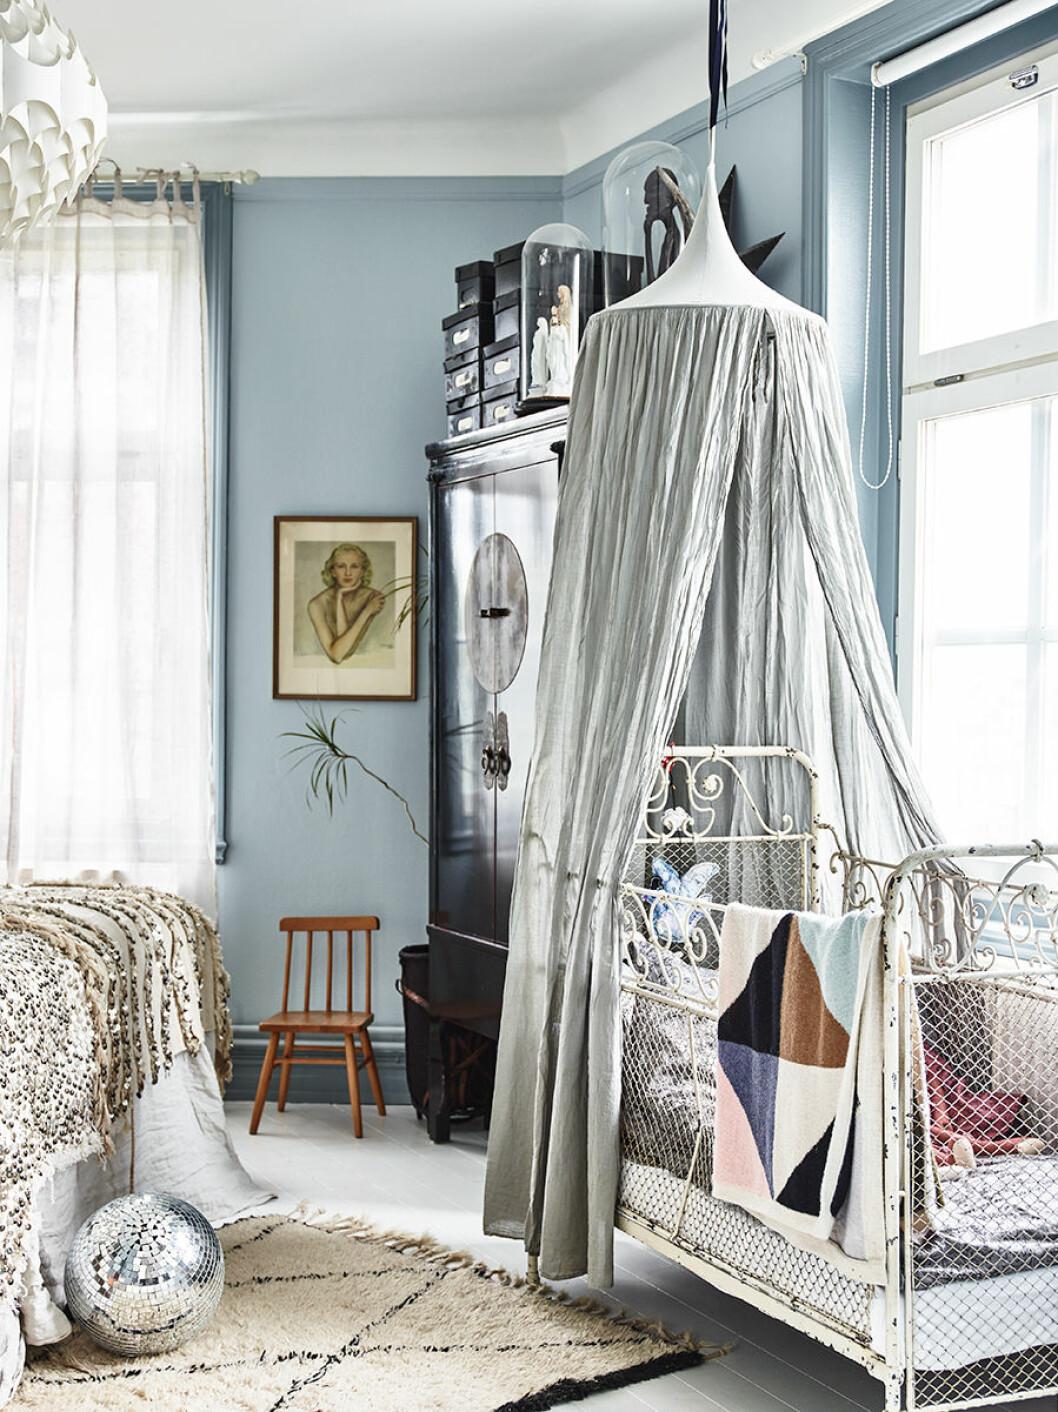 Karolina Vertus vill att hemmet ska kännas lugnt och rogivande.